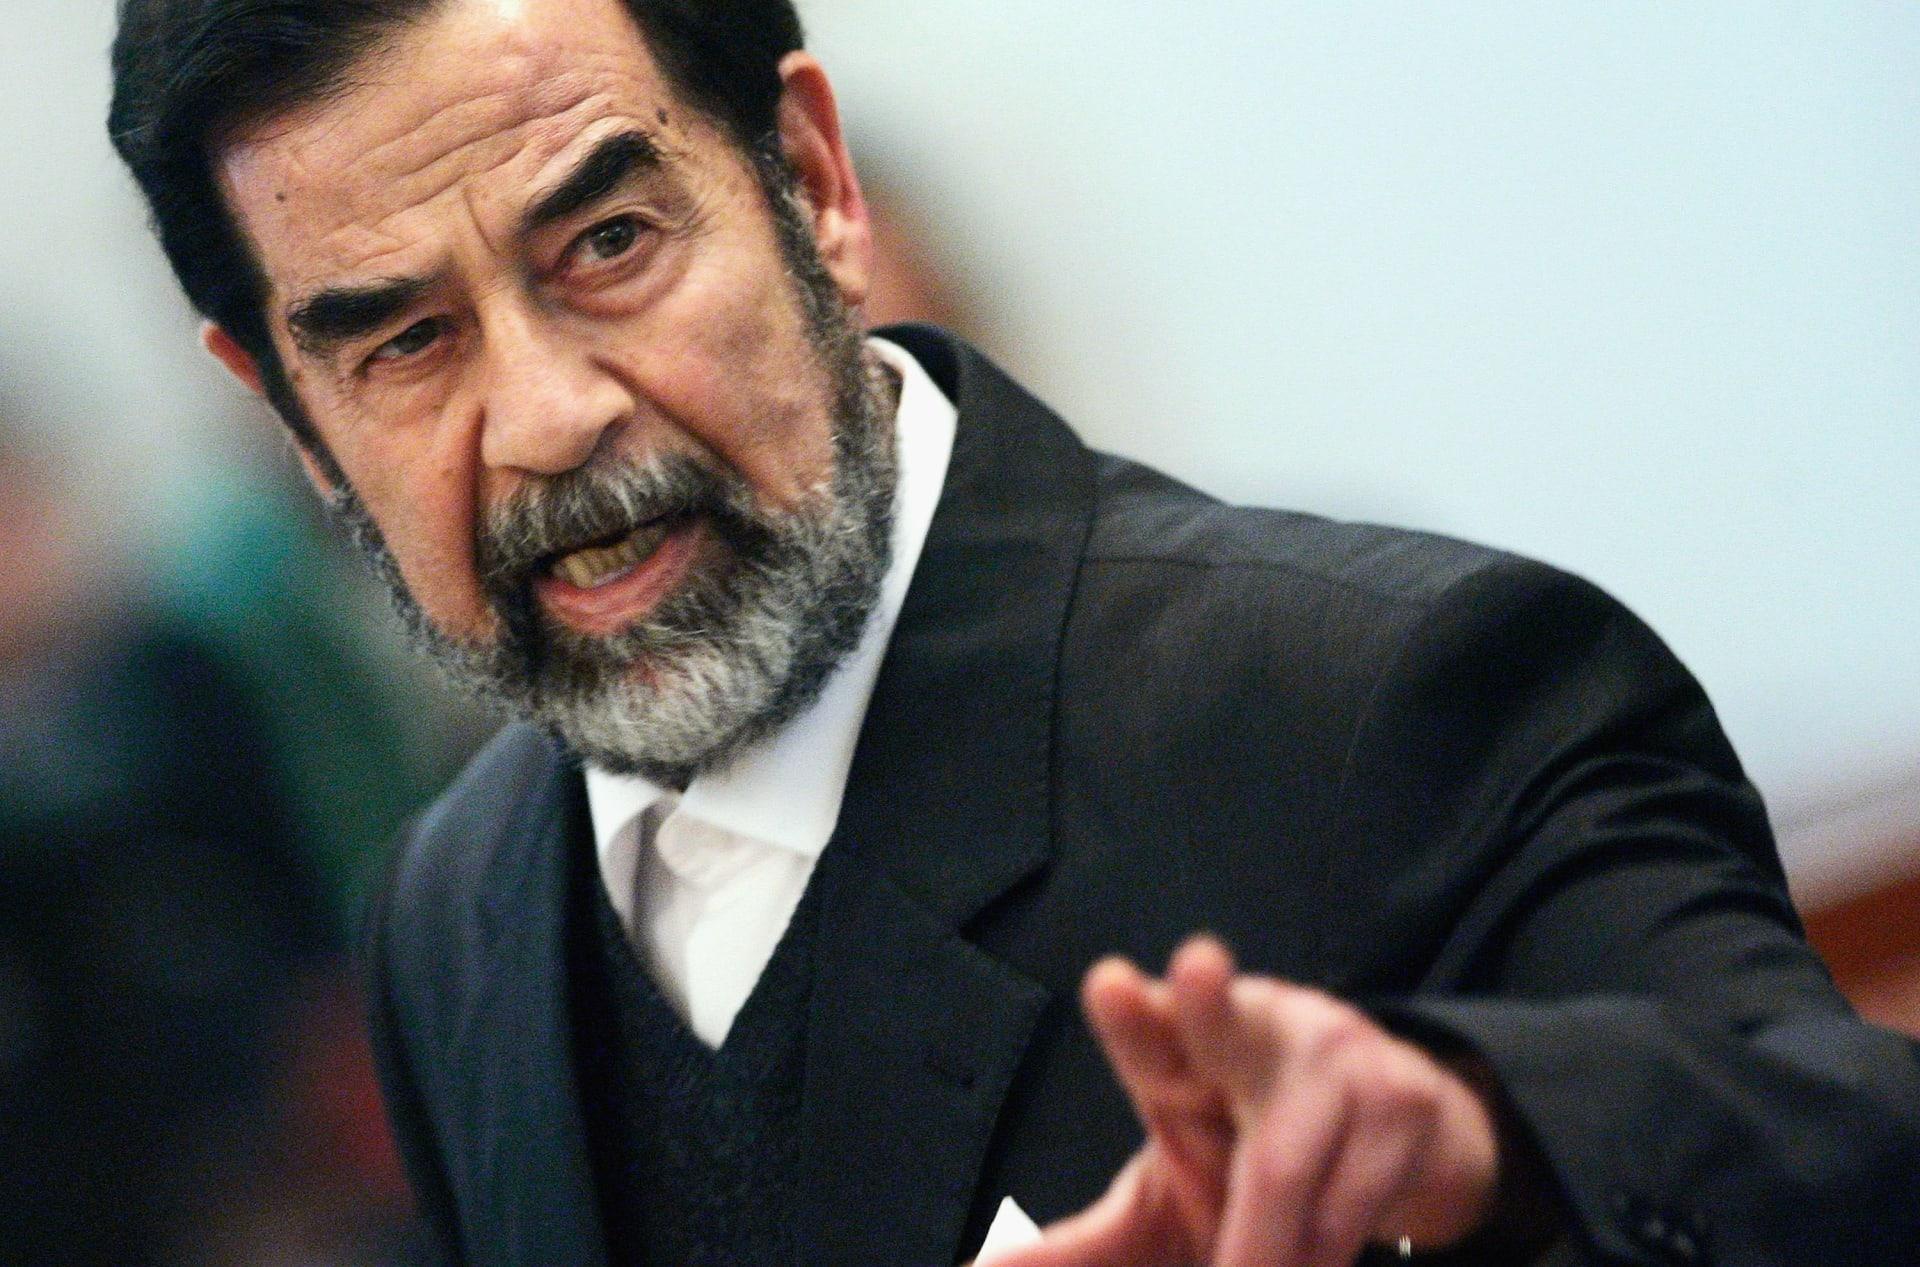 رغد صدام حسين ترد على حقيقة وجود أخ غير معلن عنه وابن لشقيقها عدي.. وتروي تعليق والدها على ذلك